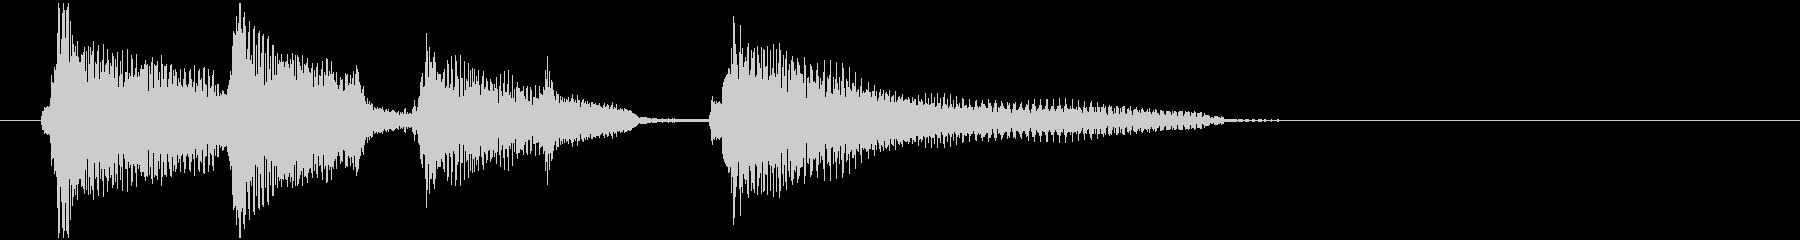 CMあけで流れそうなウクレレ2の未再生の波形